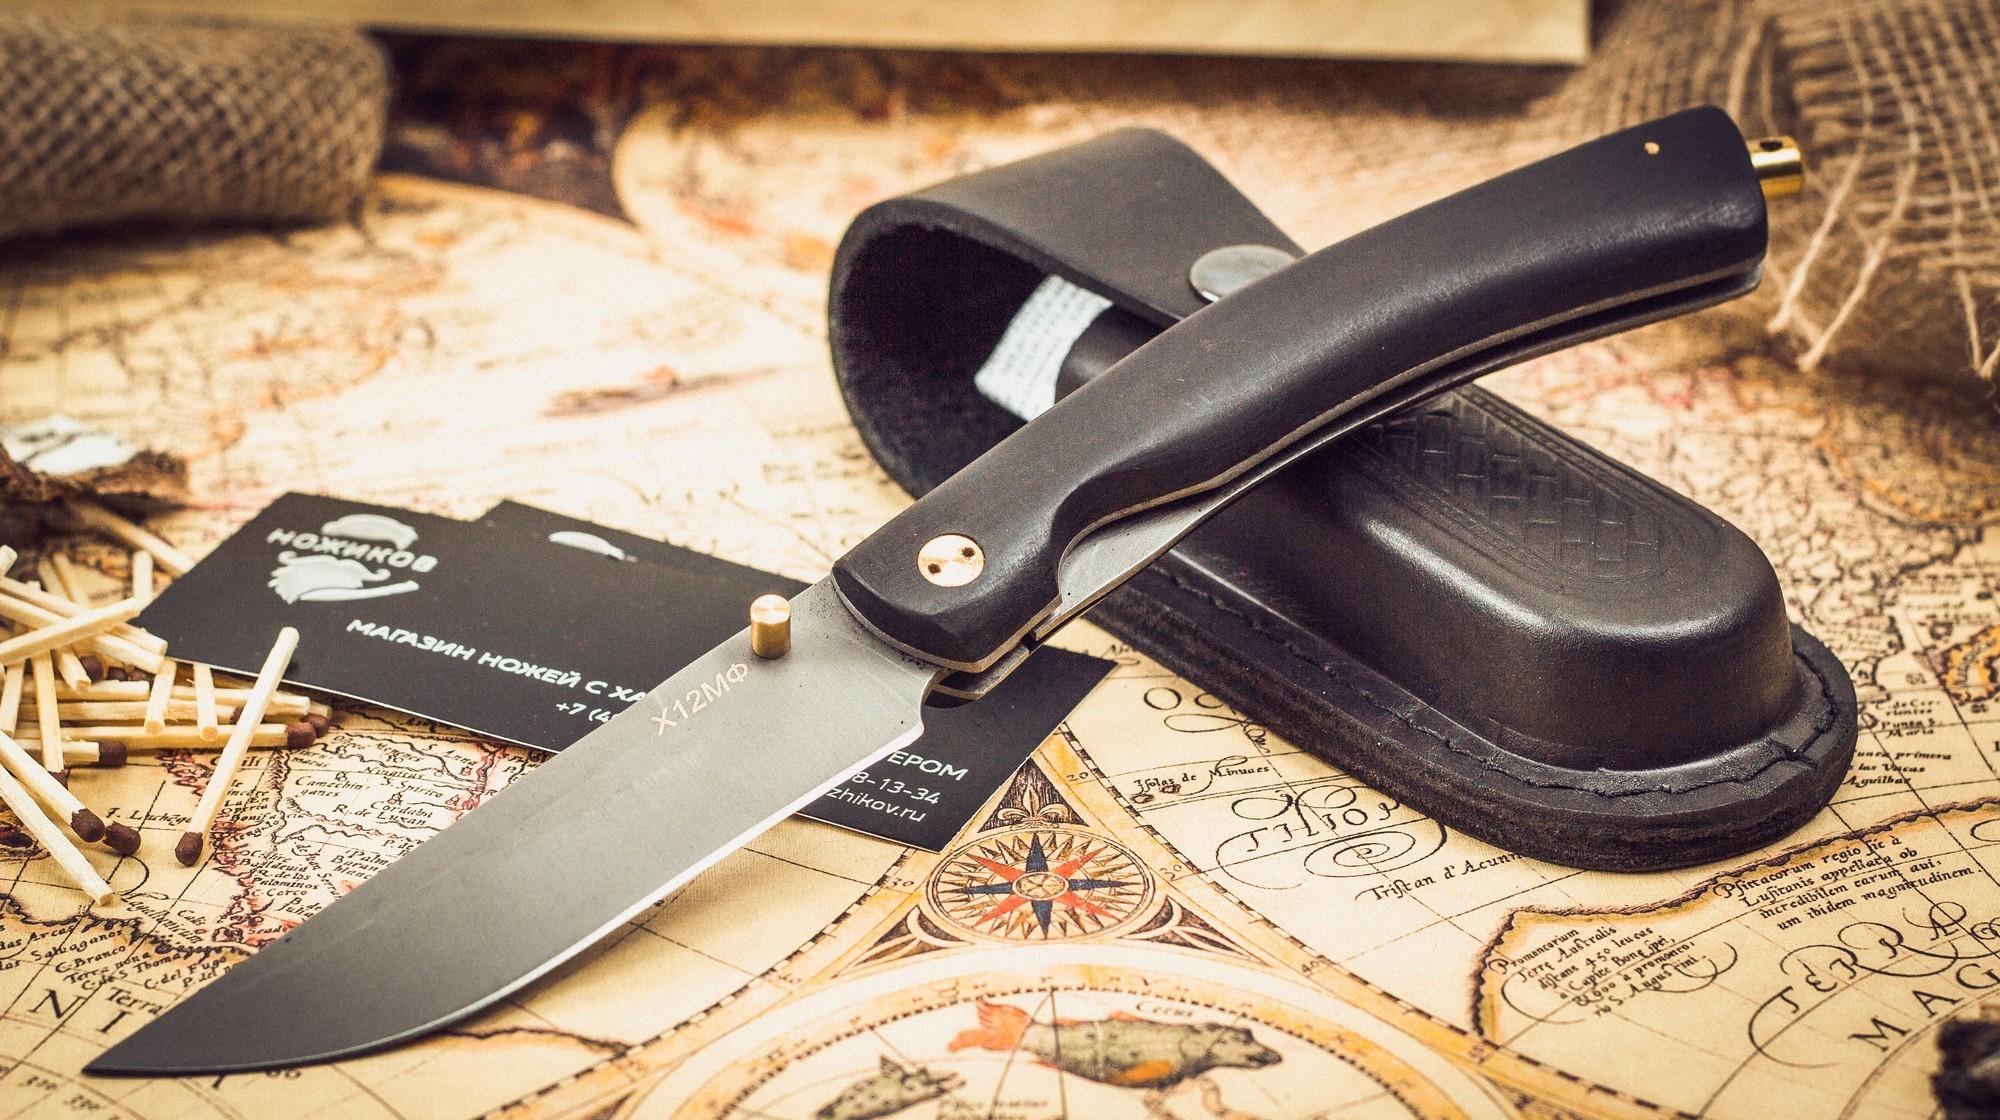 Фото 6 - Складной нож Кайрос, сталь Х12МФ, граб от Марычев